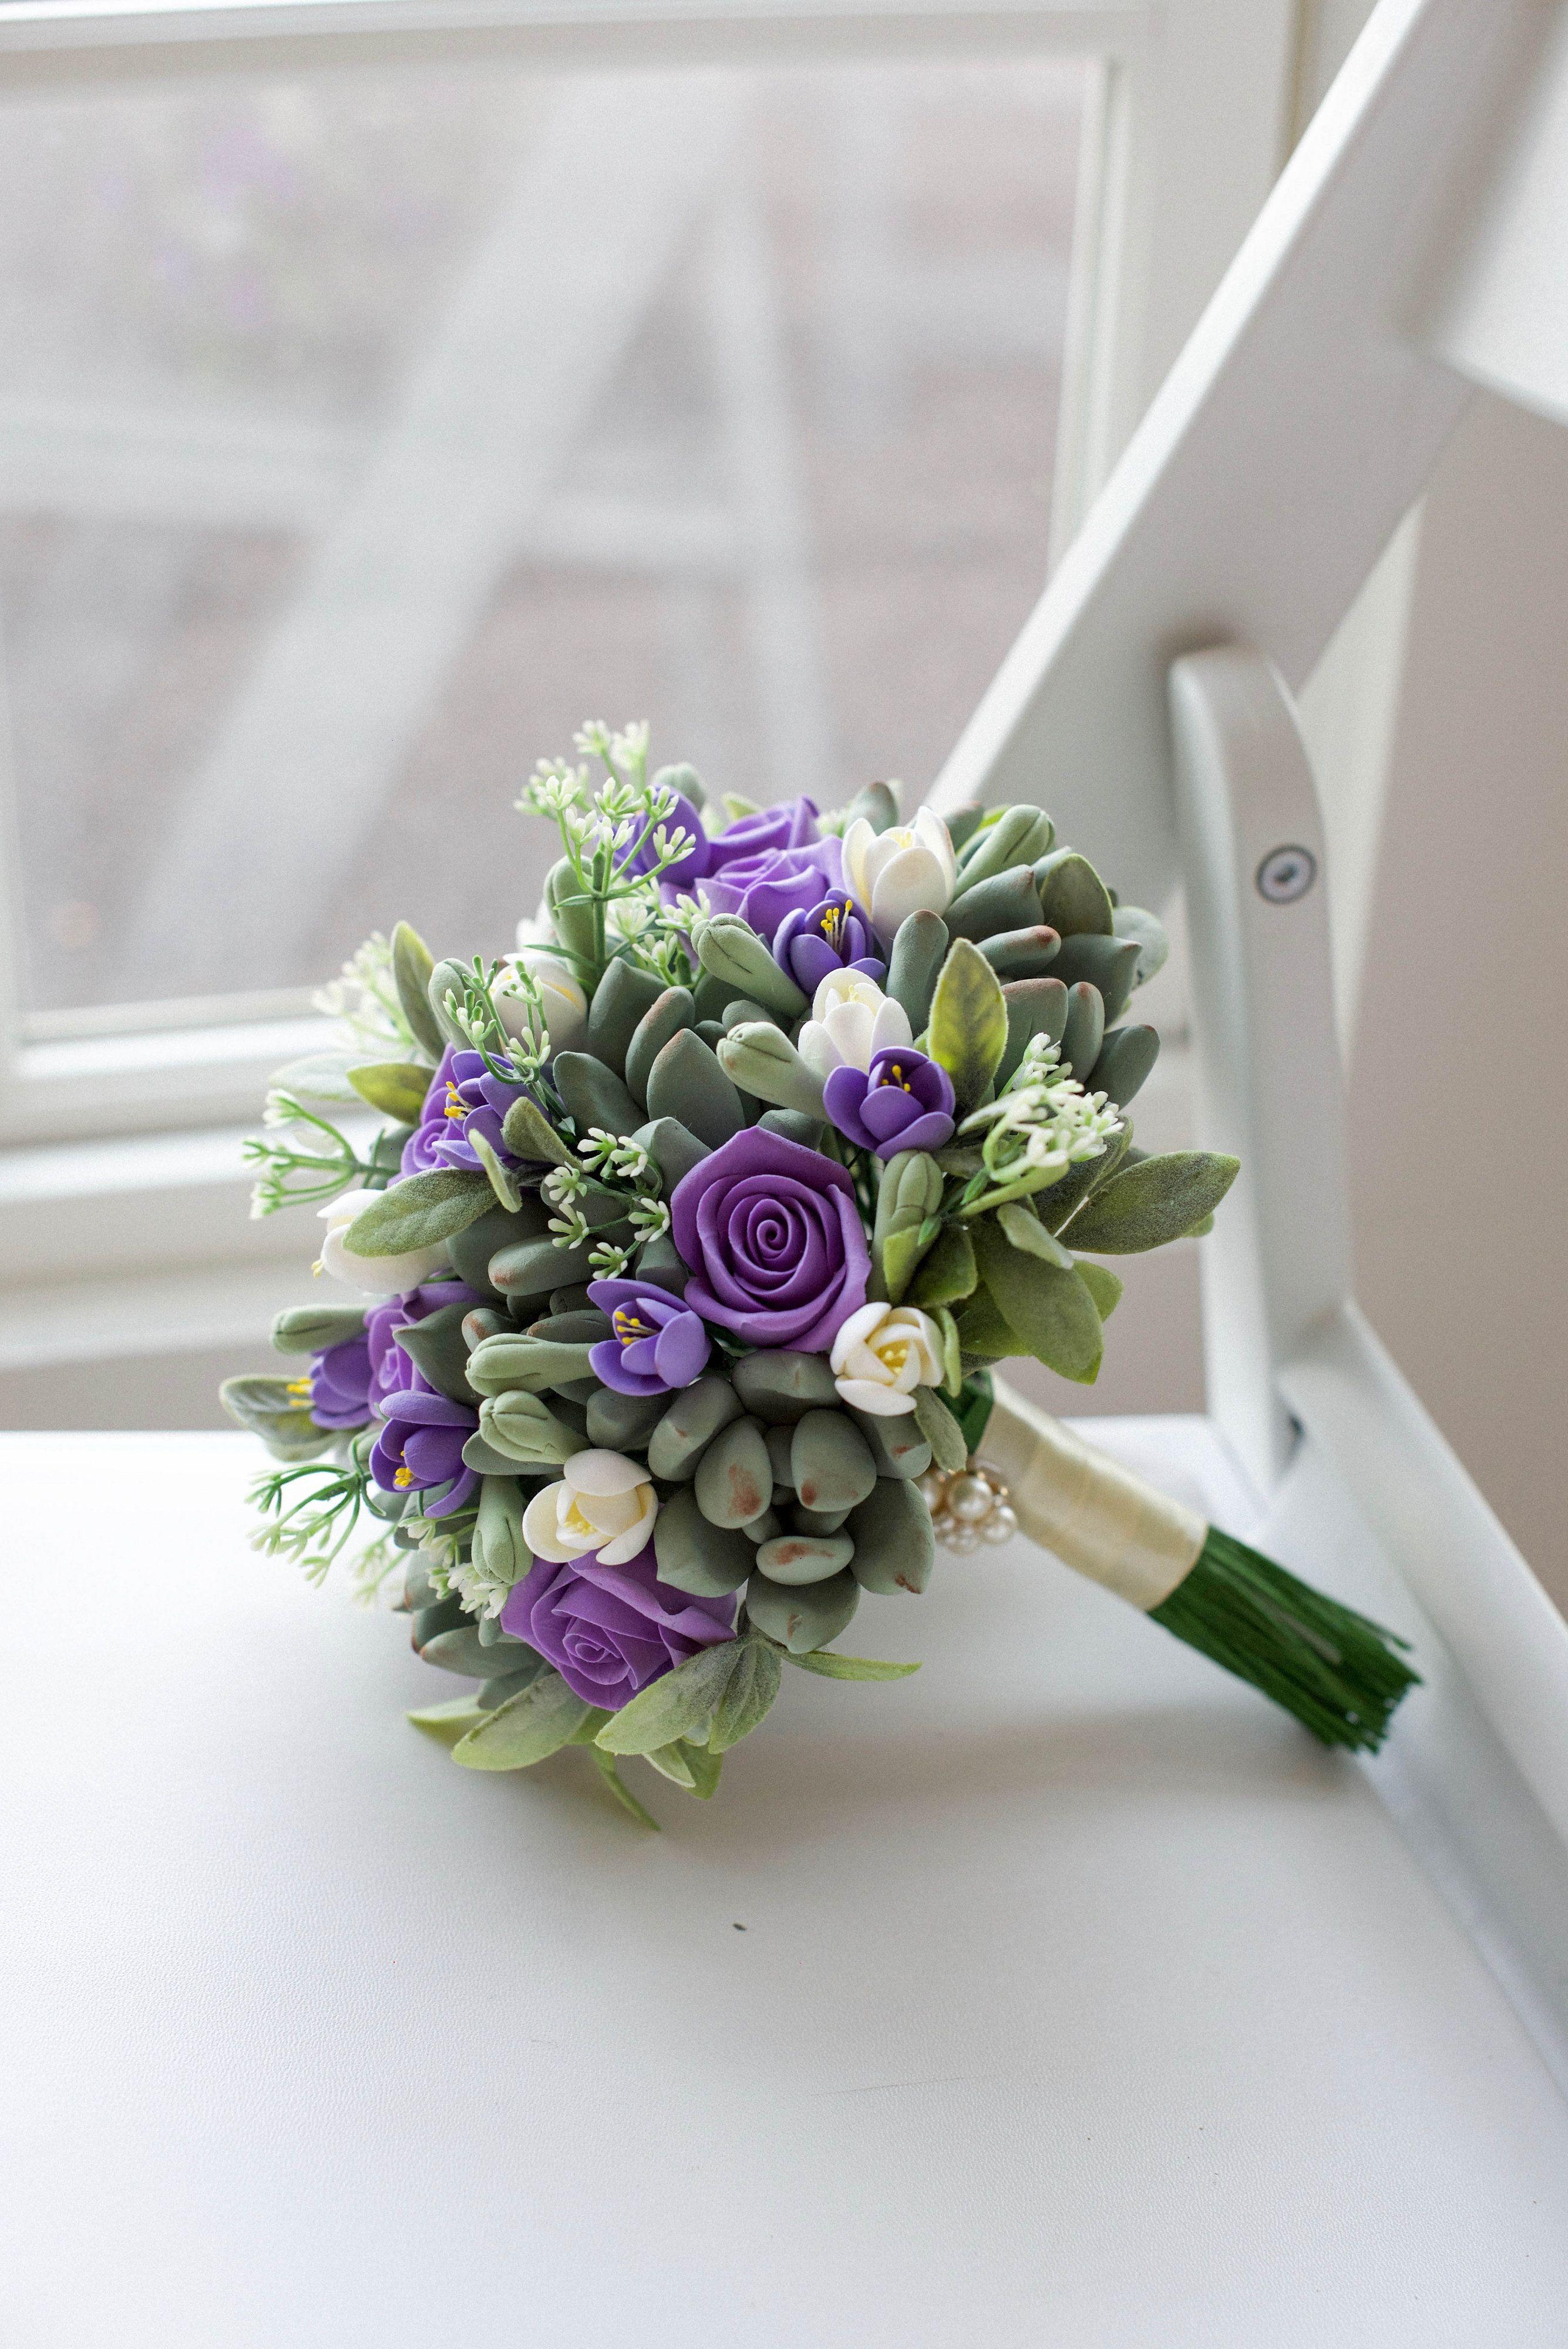 Bride Details Clay succulent bouquet. Tip buy a bouquet